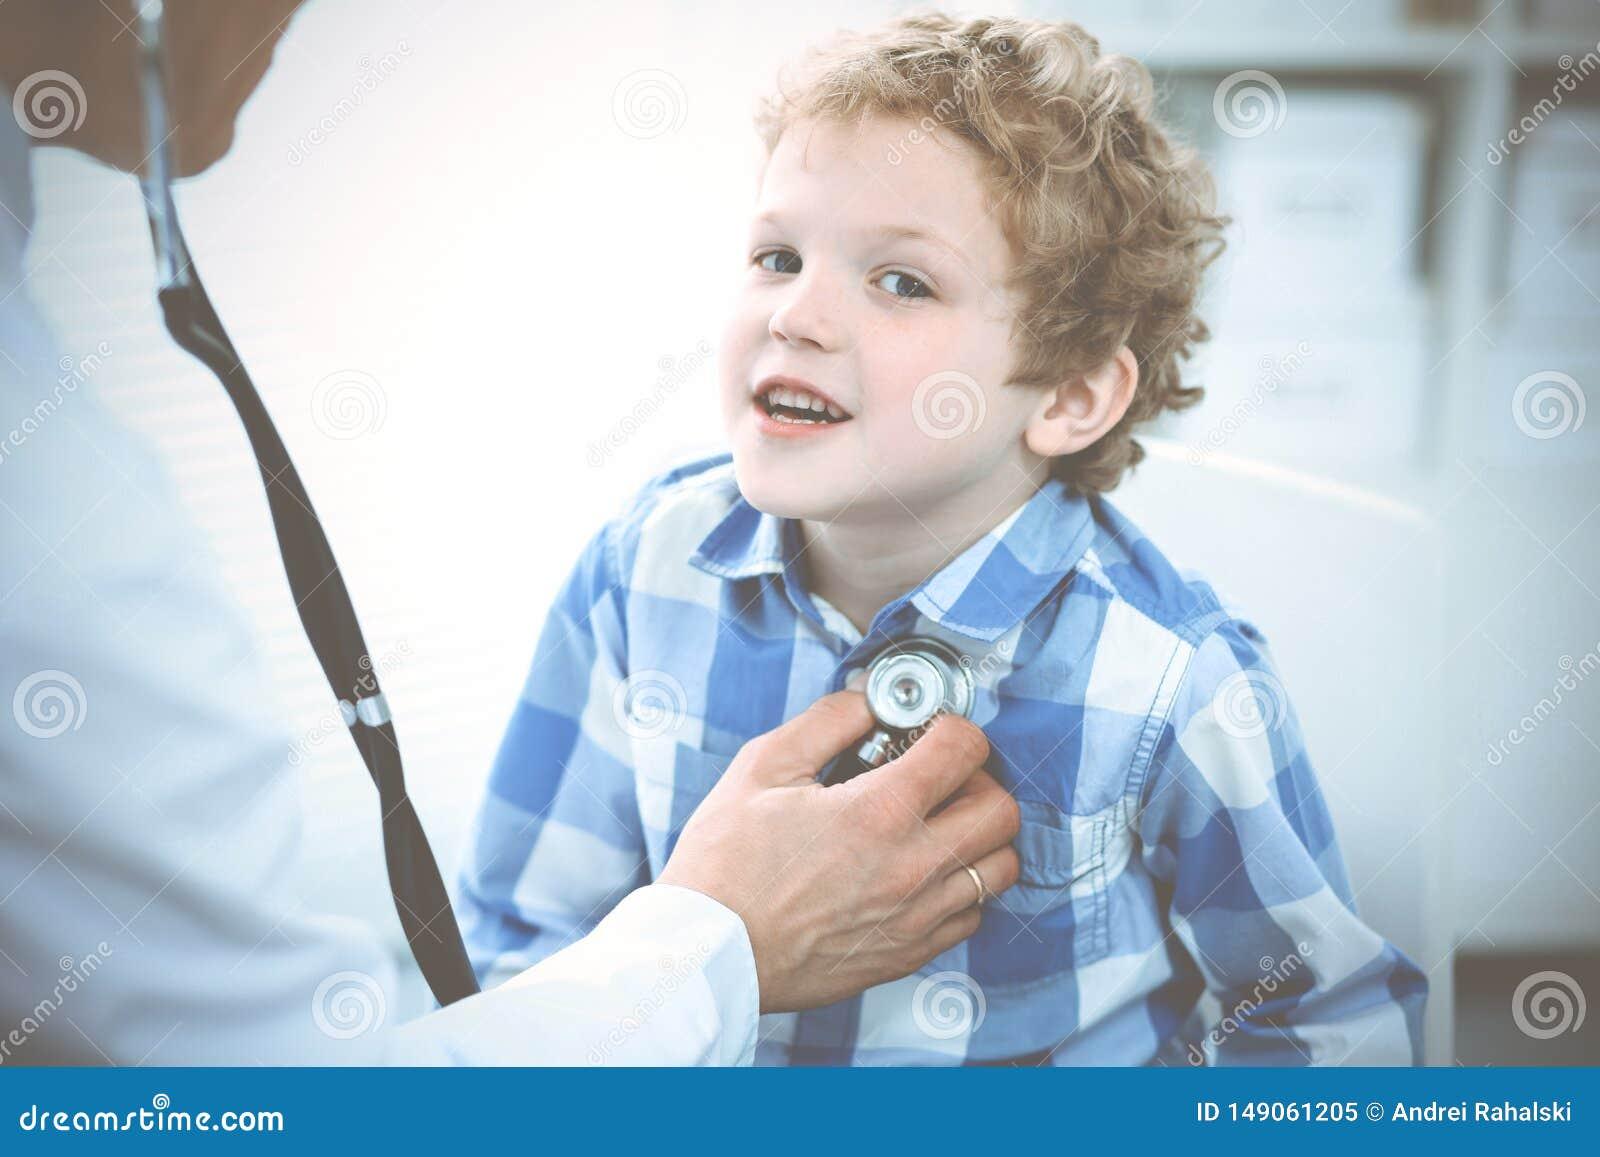 Docteur et enfant patient M?decin examinant peu de gar?on Visite m?dicale r?guli?re dans la clinique M?decine et soins de sant?